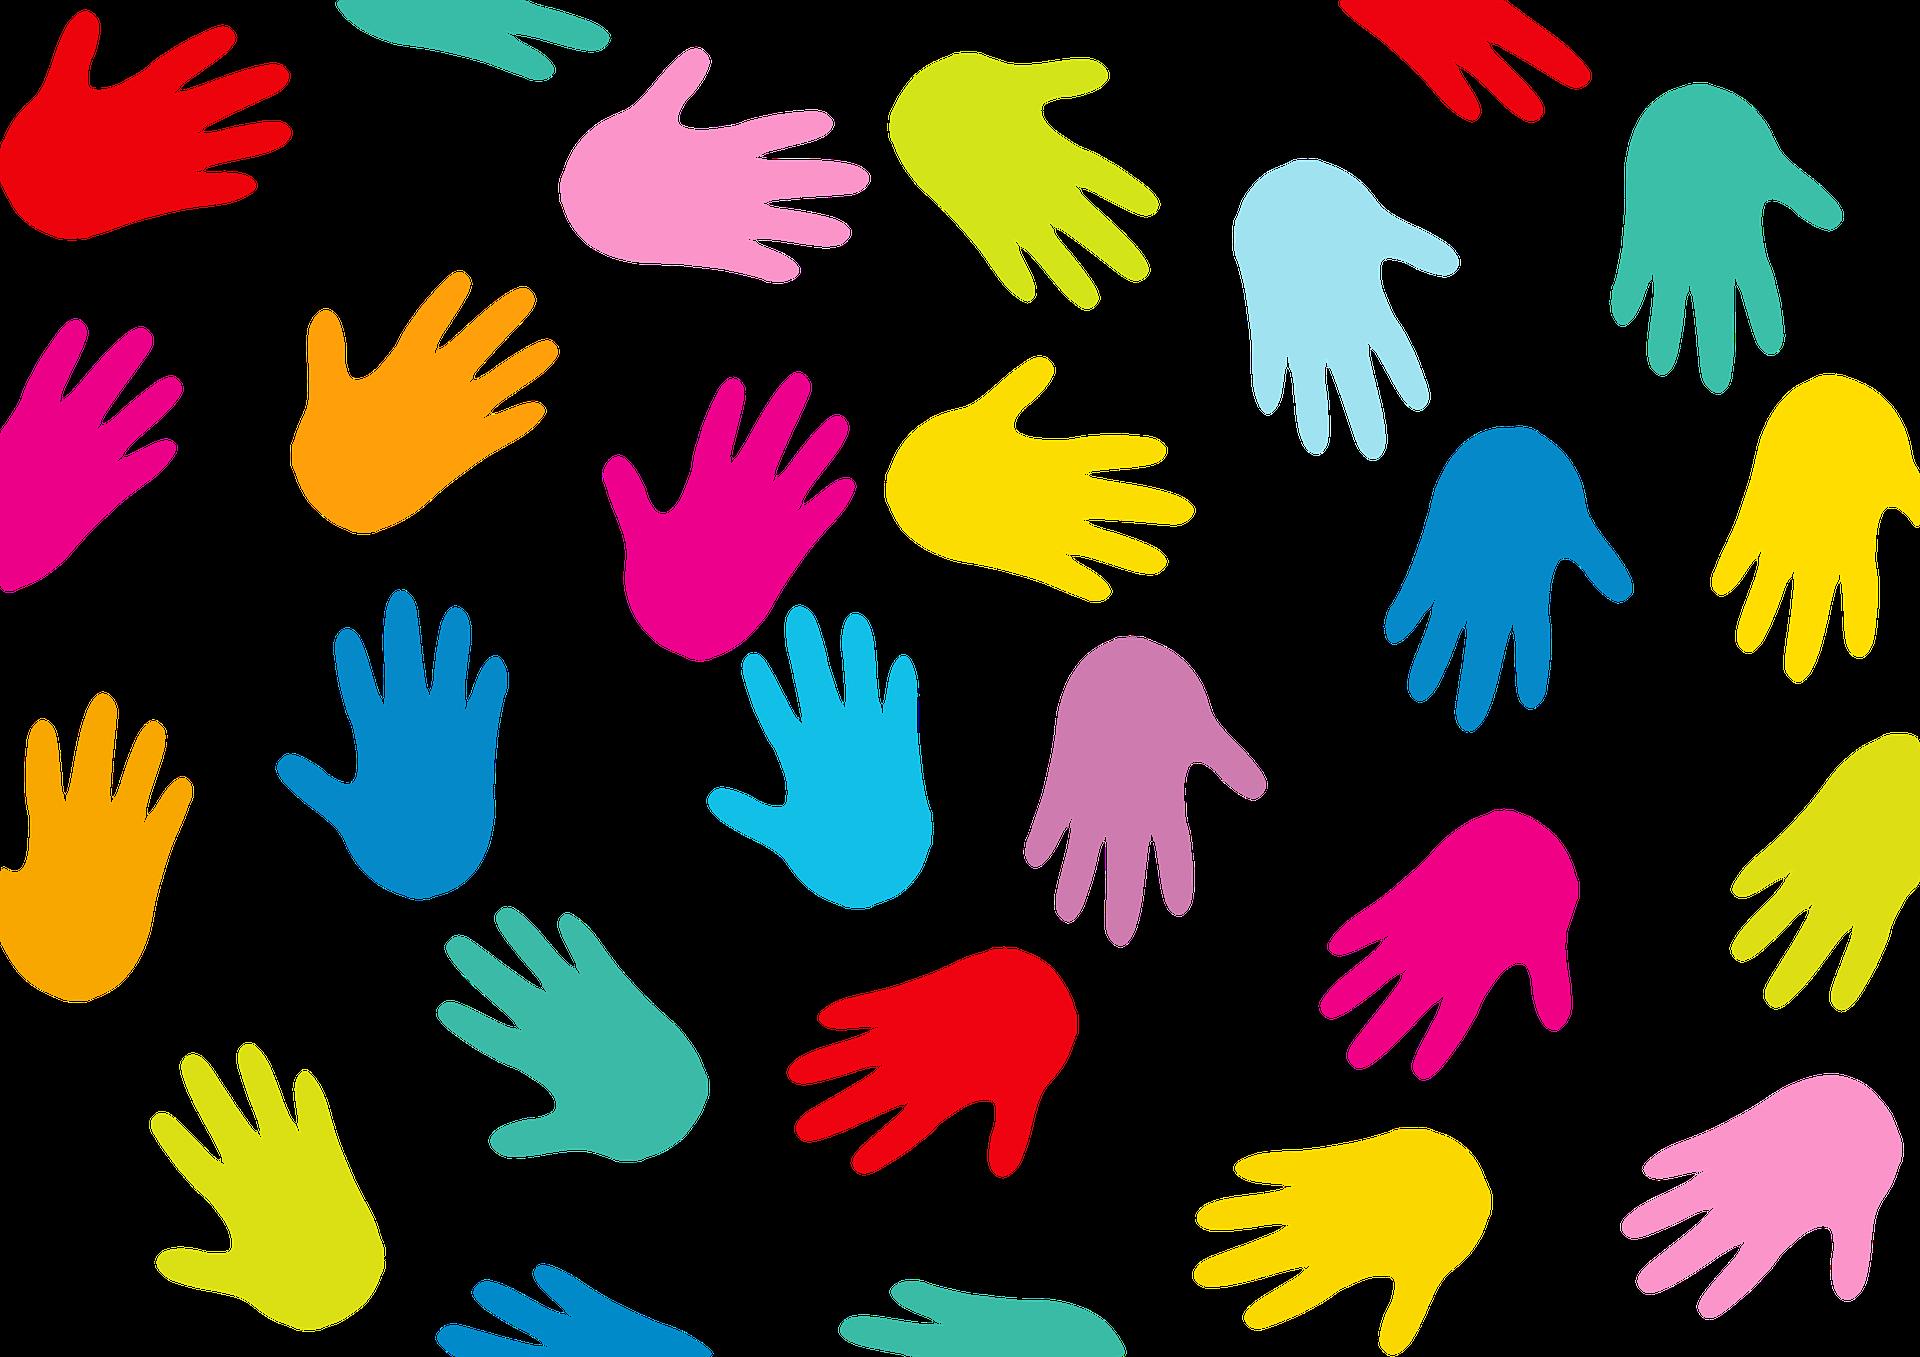 hands-565603_1920.png